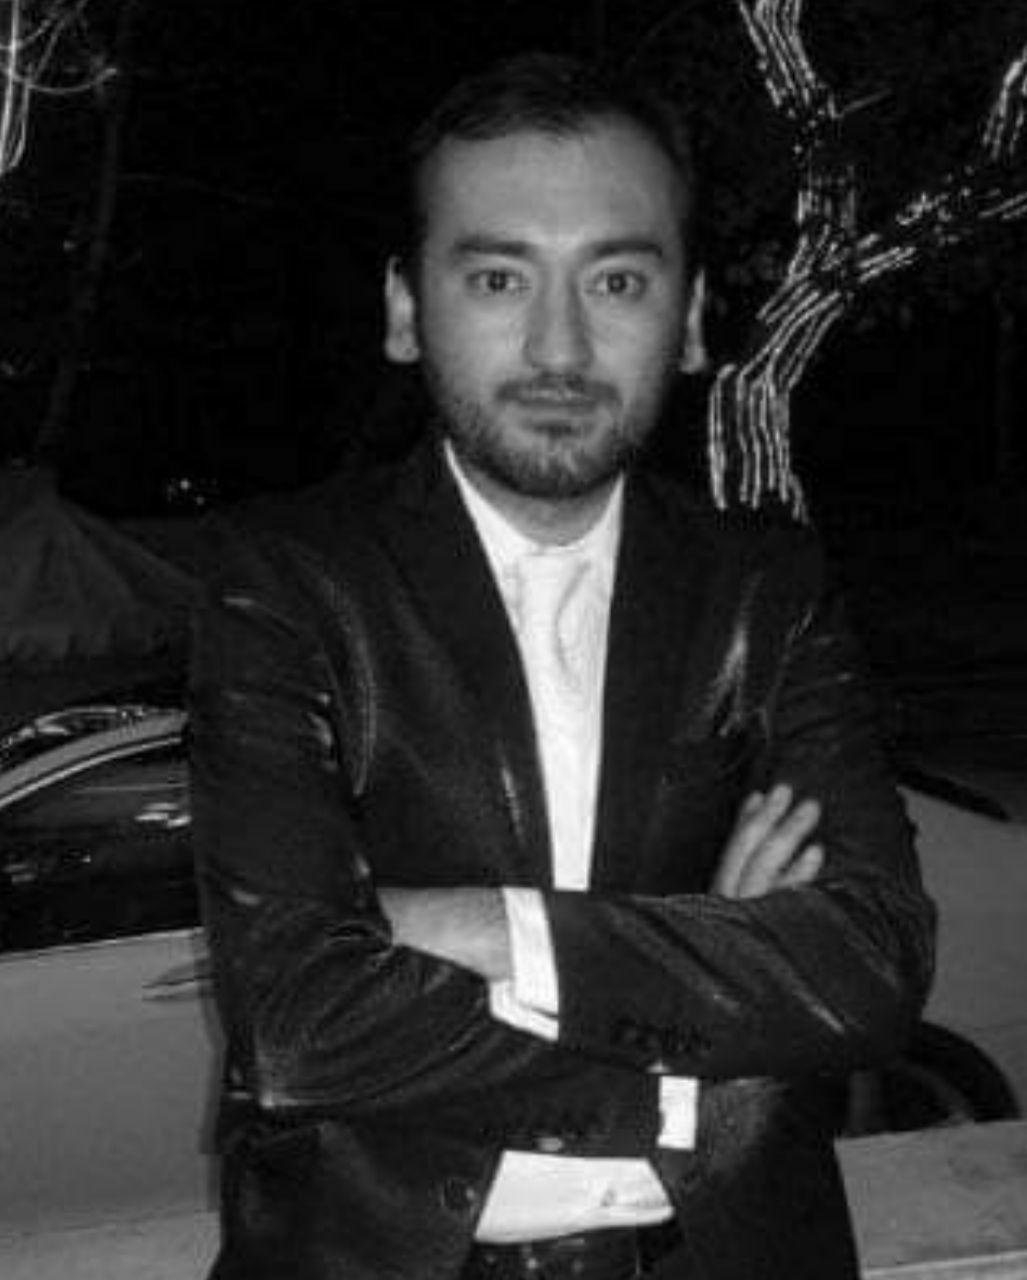 Таниқли ўзбек актёри оғир жудоликка учради (ФОТО)